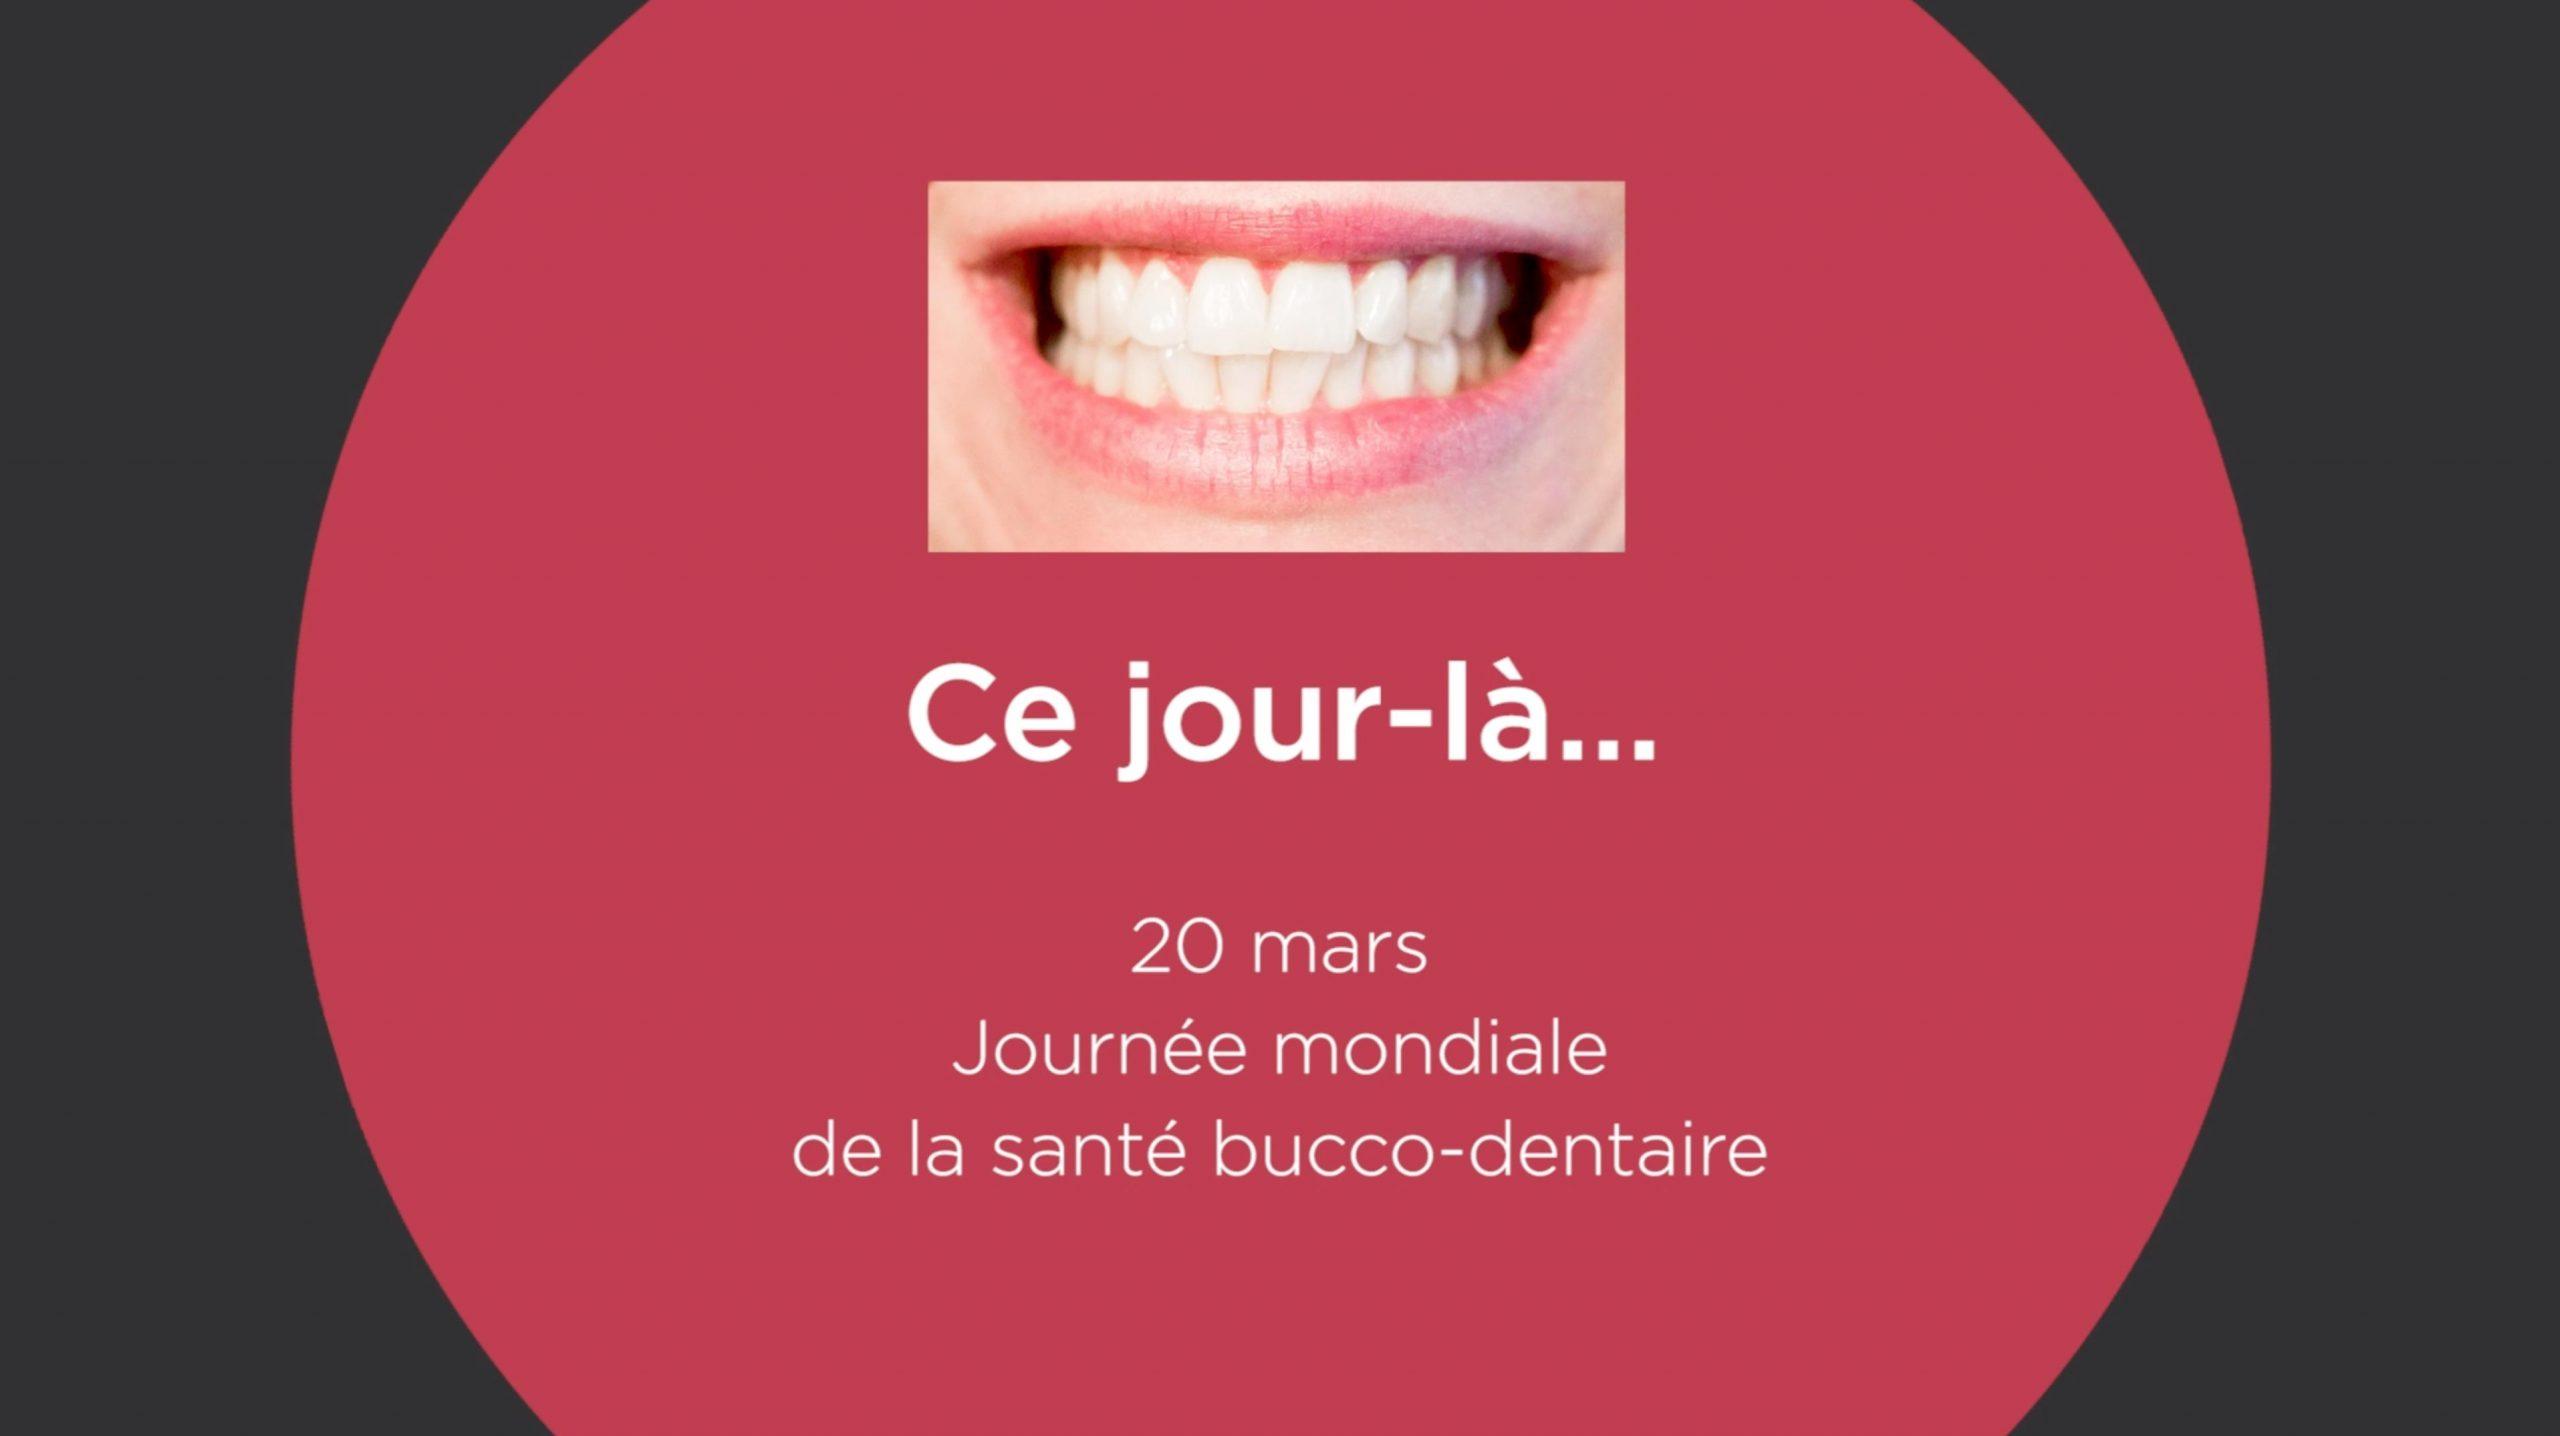 EUCO_-_bucco_dentaire_-019-03-14